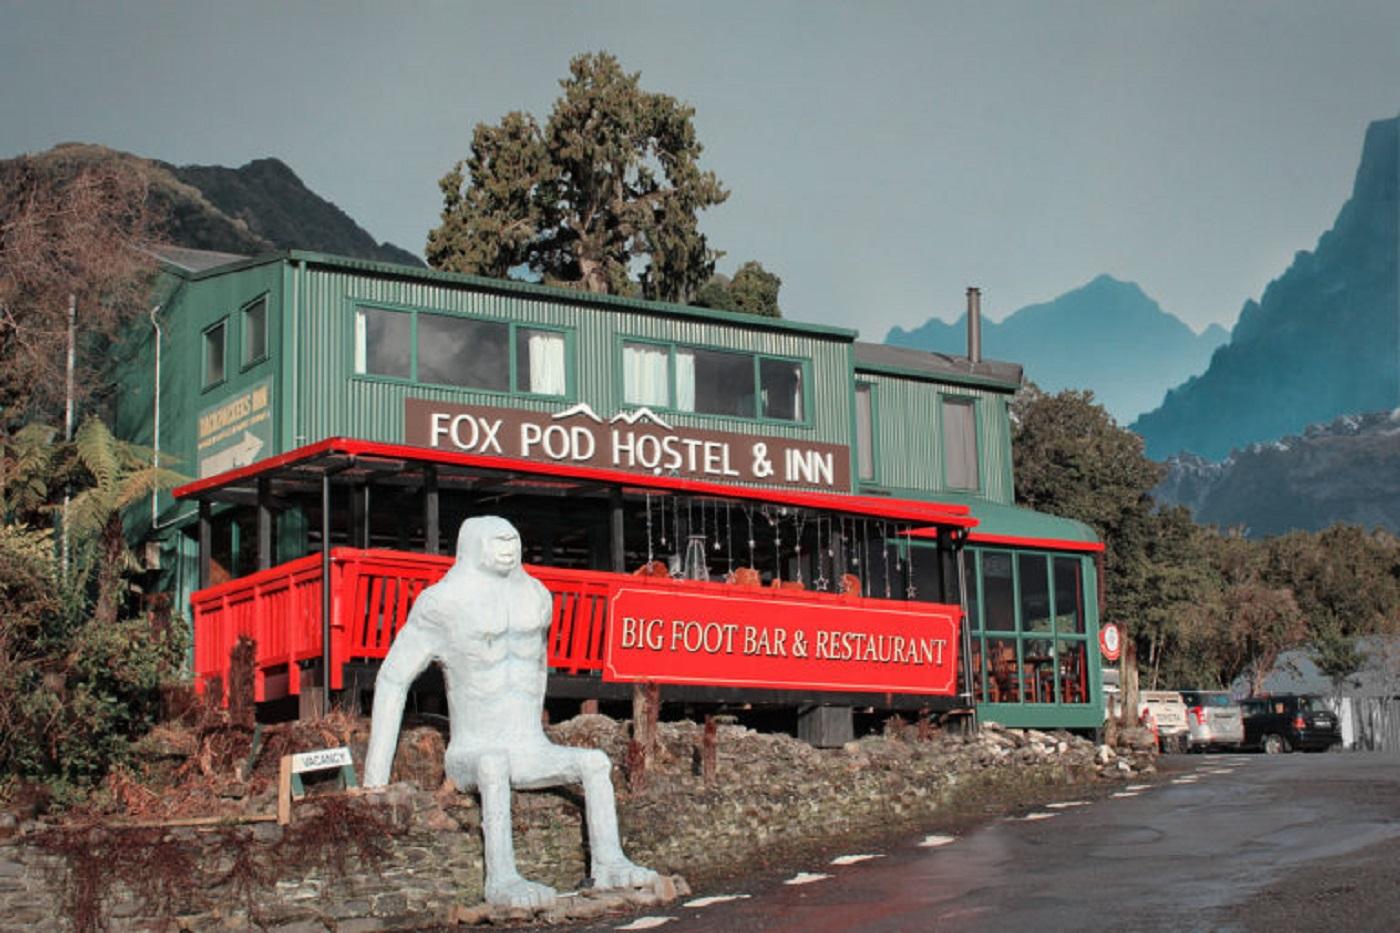 Fox Glacier Pod Hostel & Inn (Foto: Tati Sisti)